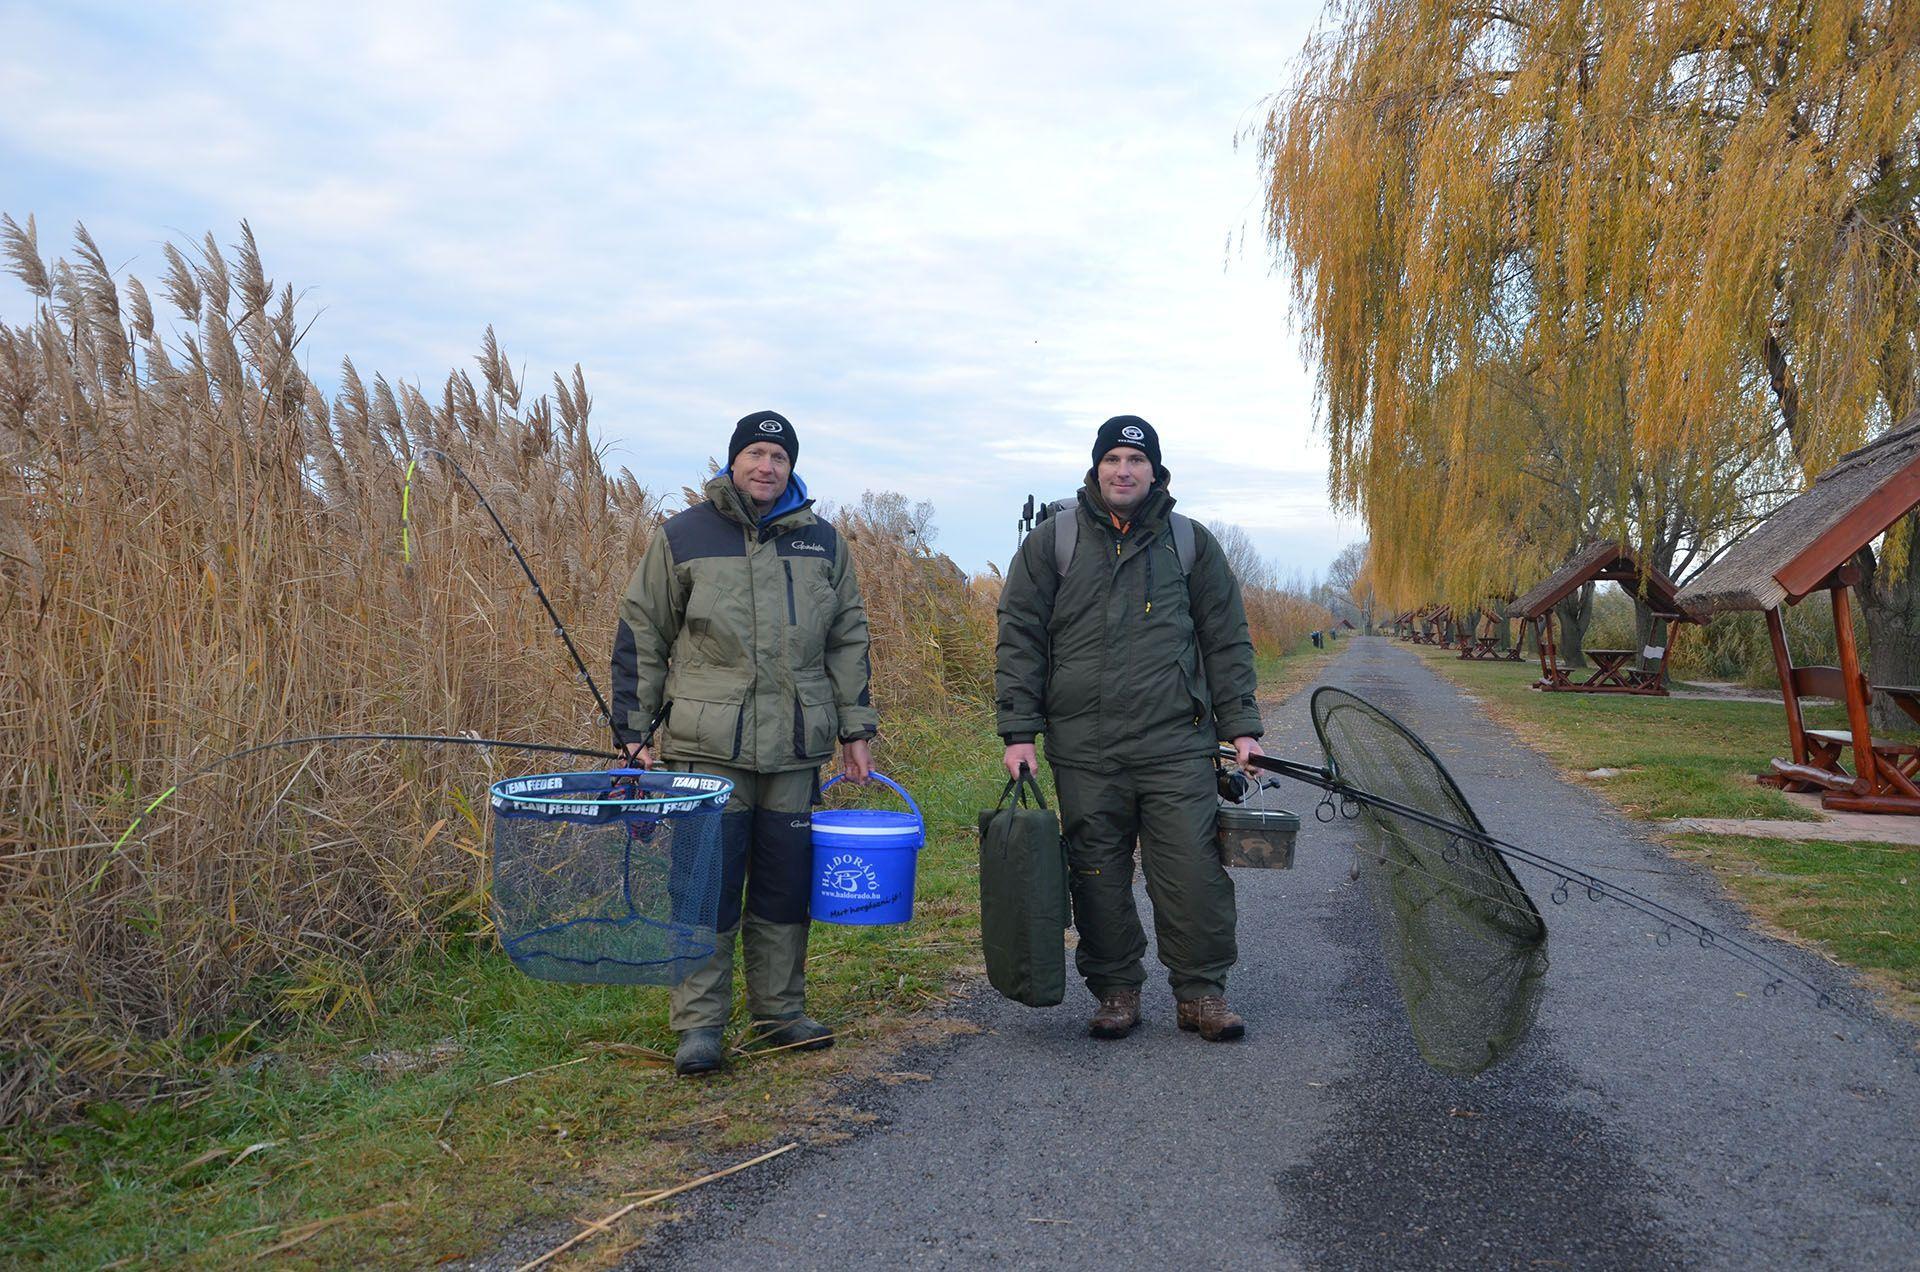 Mindössze ennyi cuccal vágtunk neki Haskó Tamás kollégámmal a közös horgászatnak